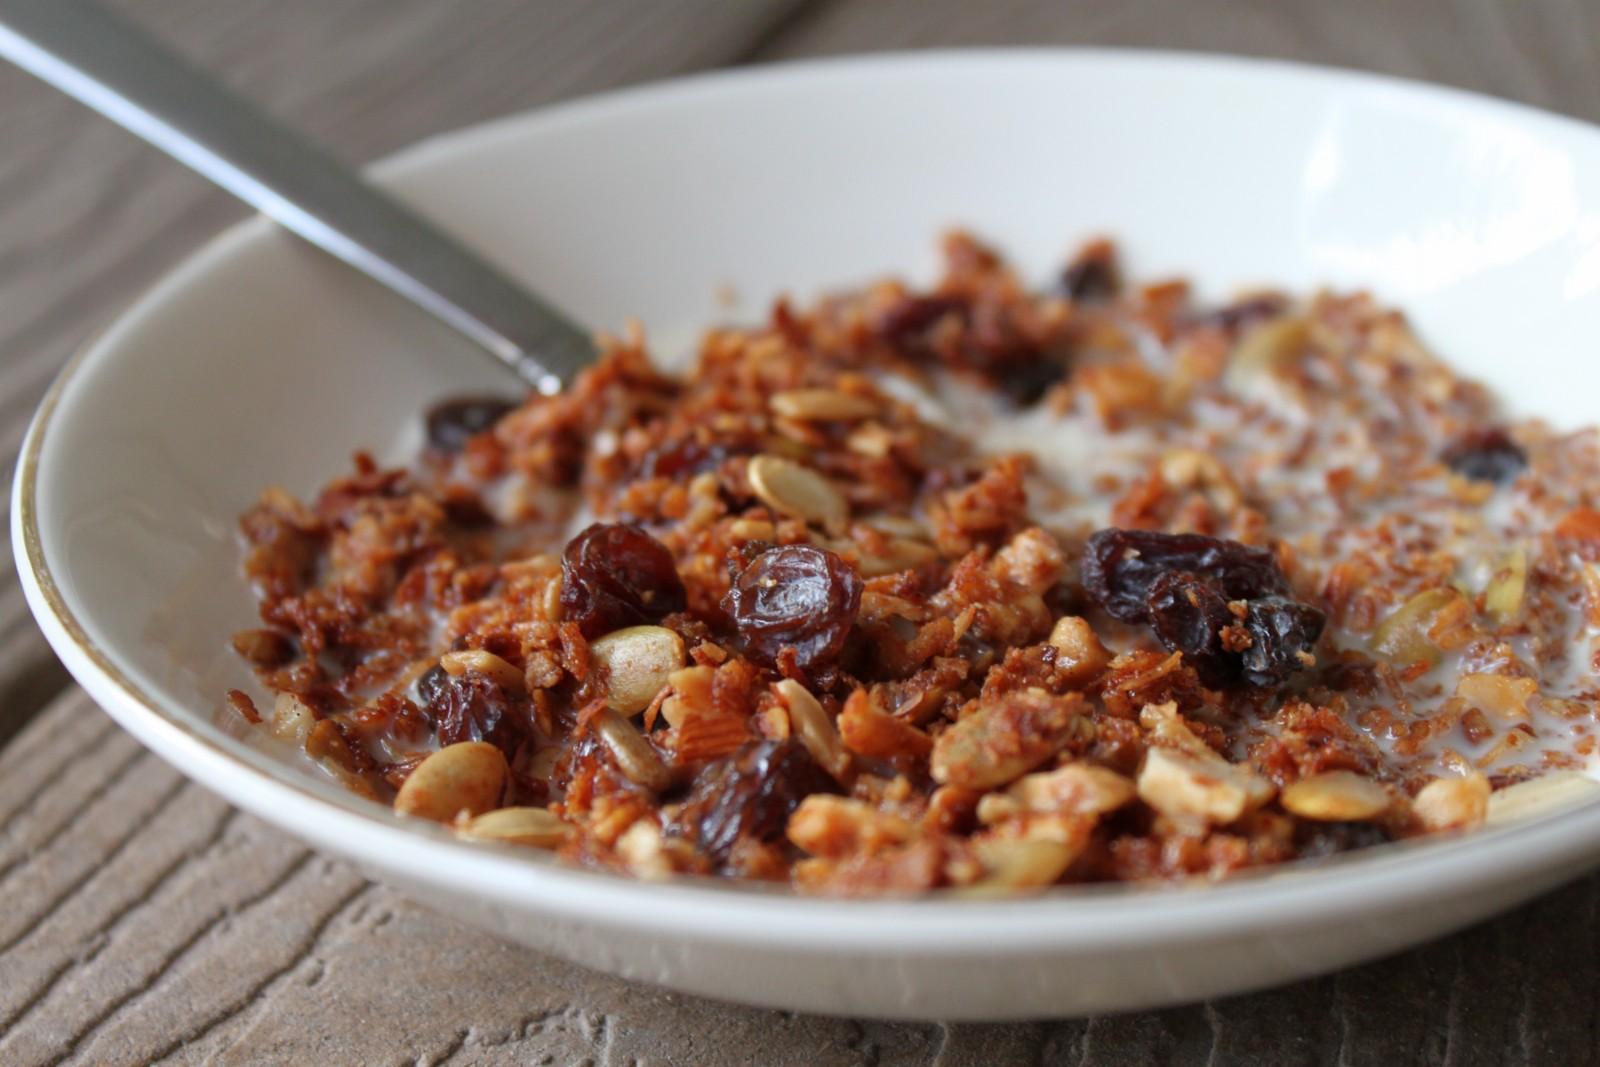 Raisin Nut Crunch Cereal